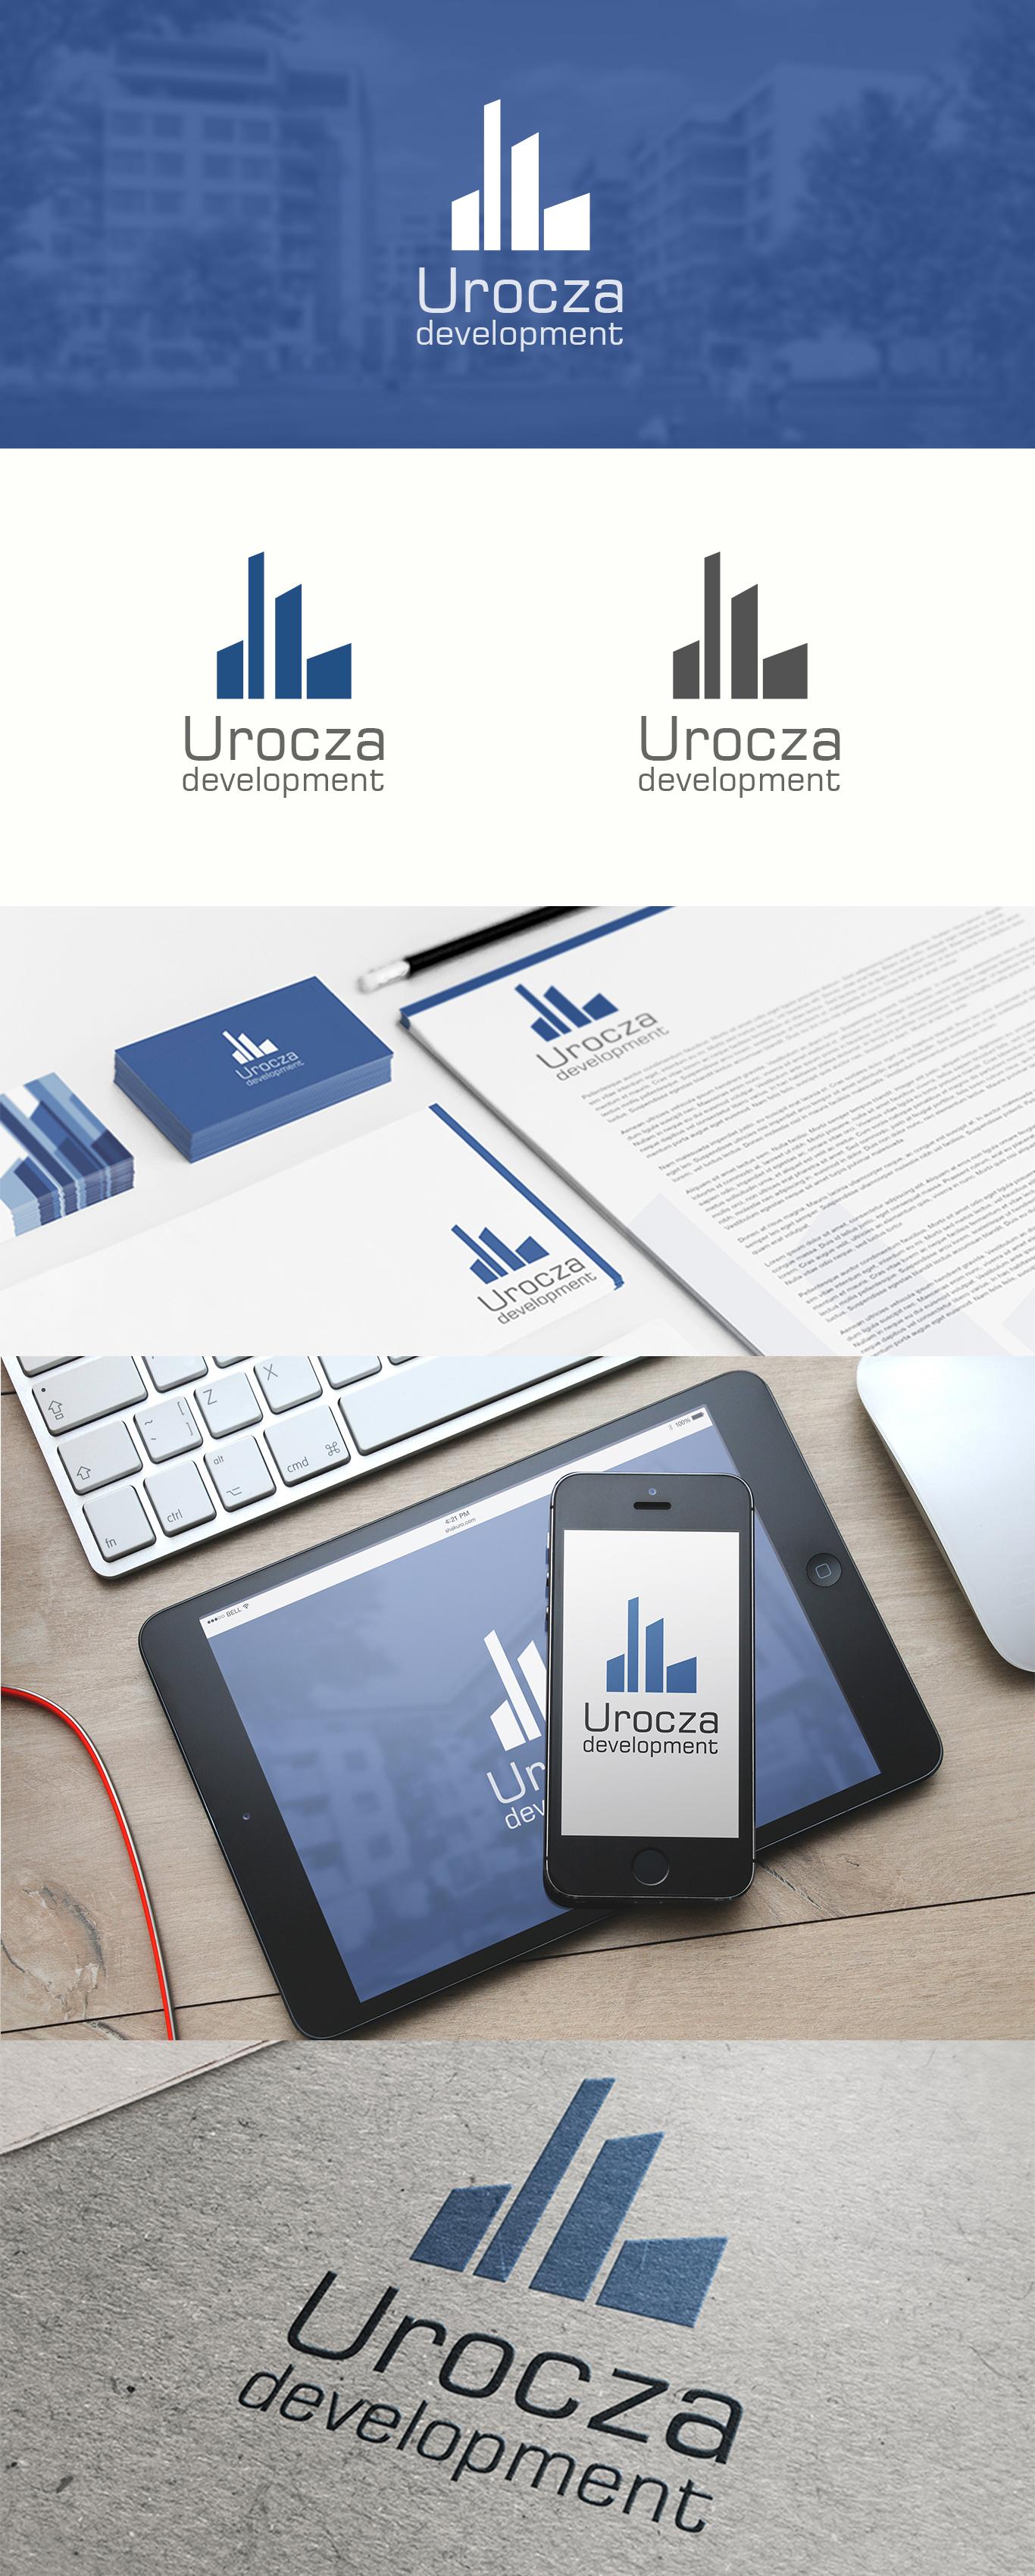 Prezentacja projektu logo na papierze firmowym, wizytówkach i wyświetalaczach małych i dużych dla firmy developerskiej